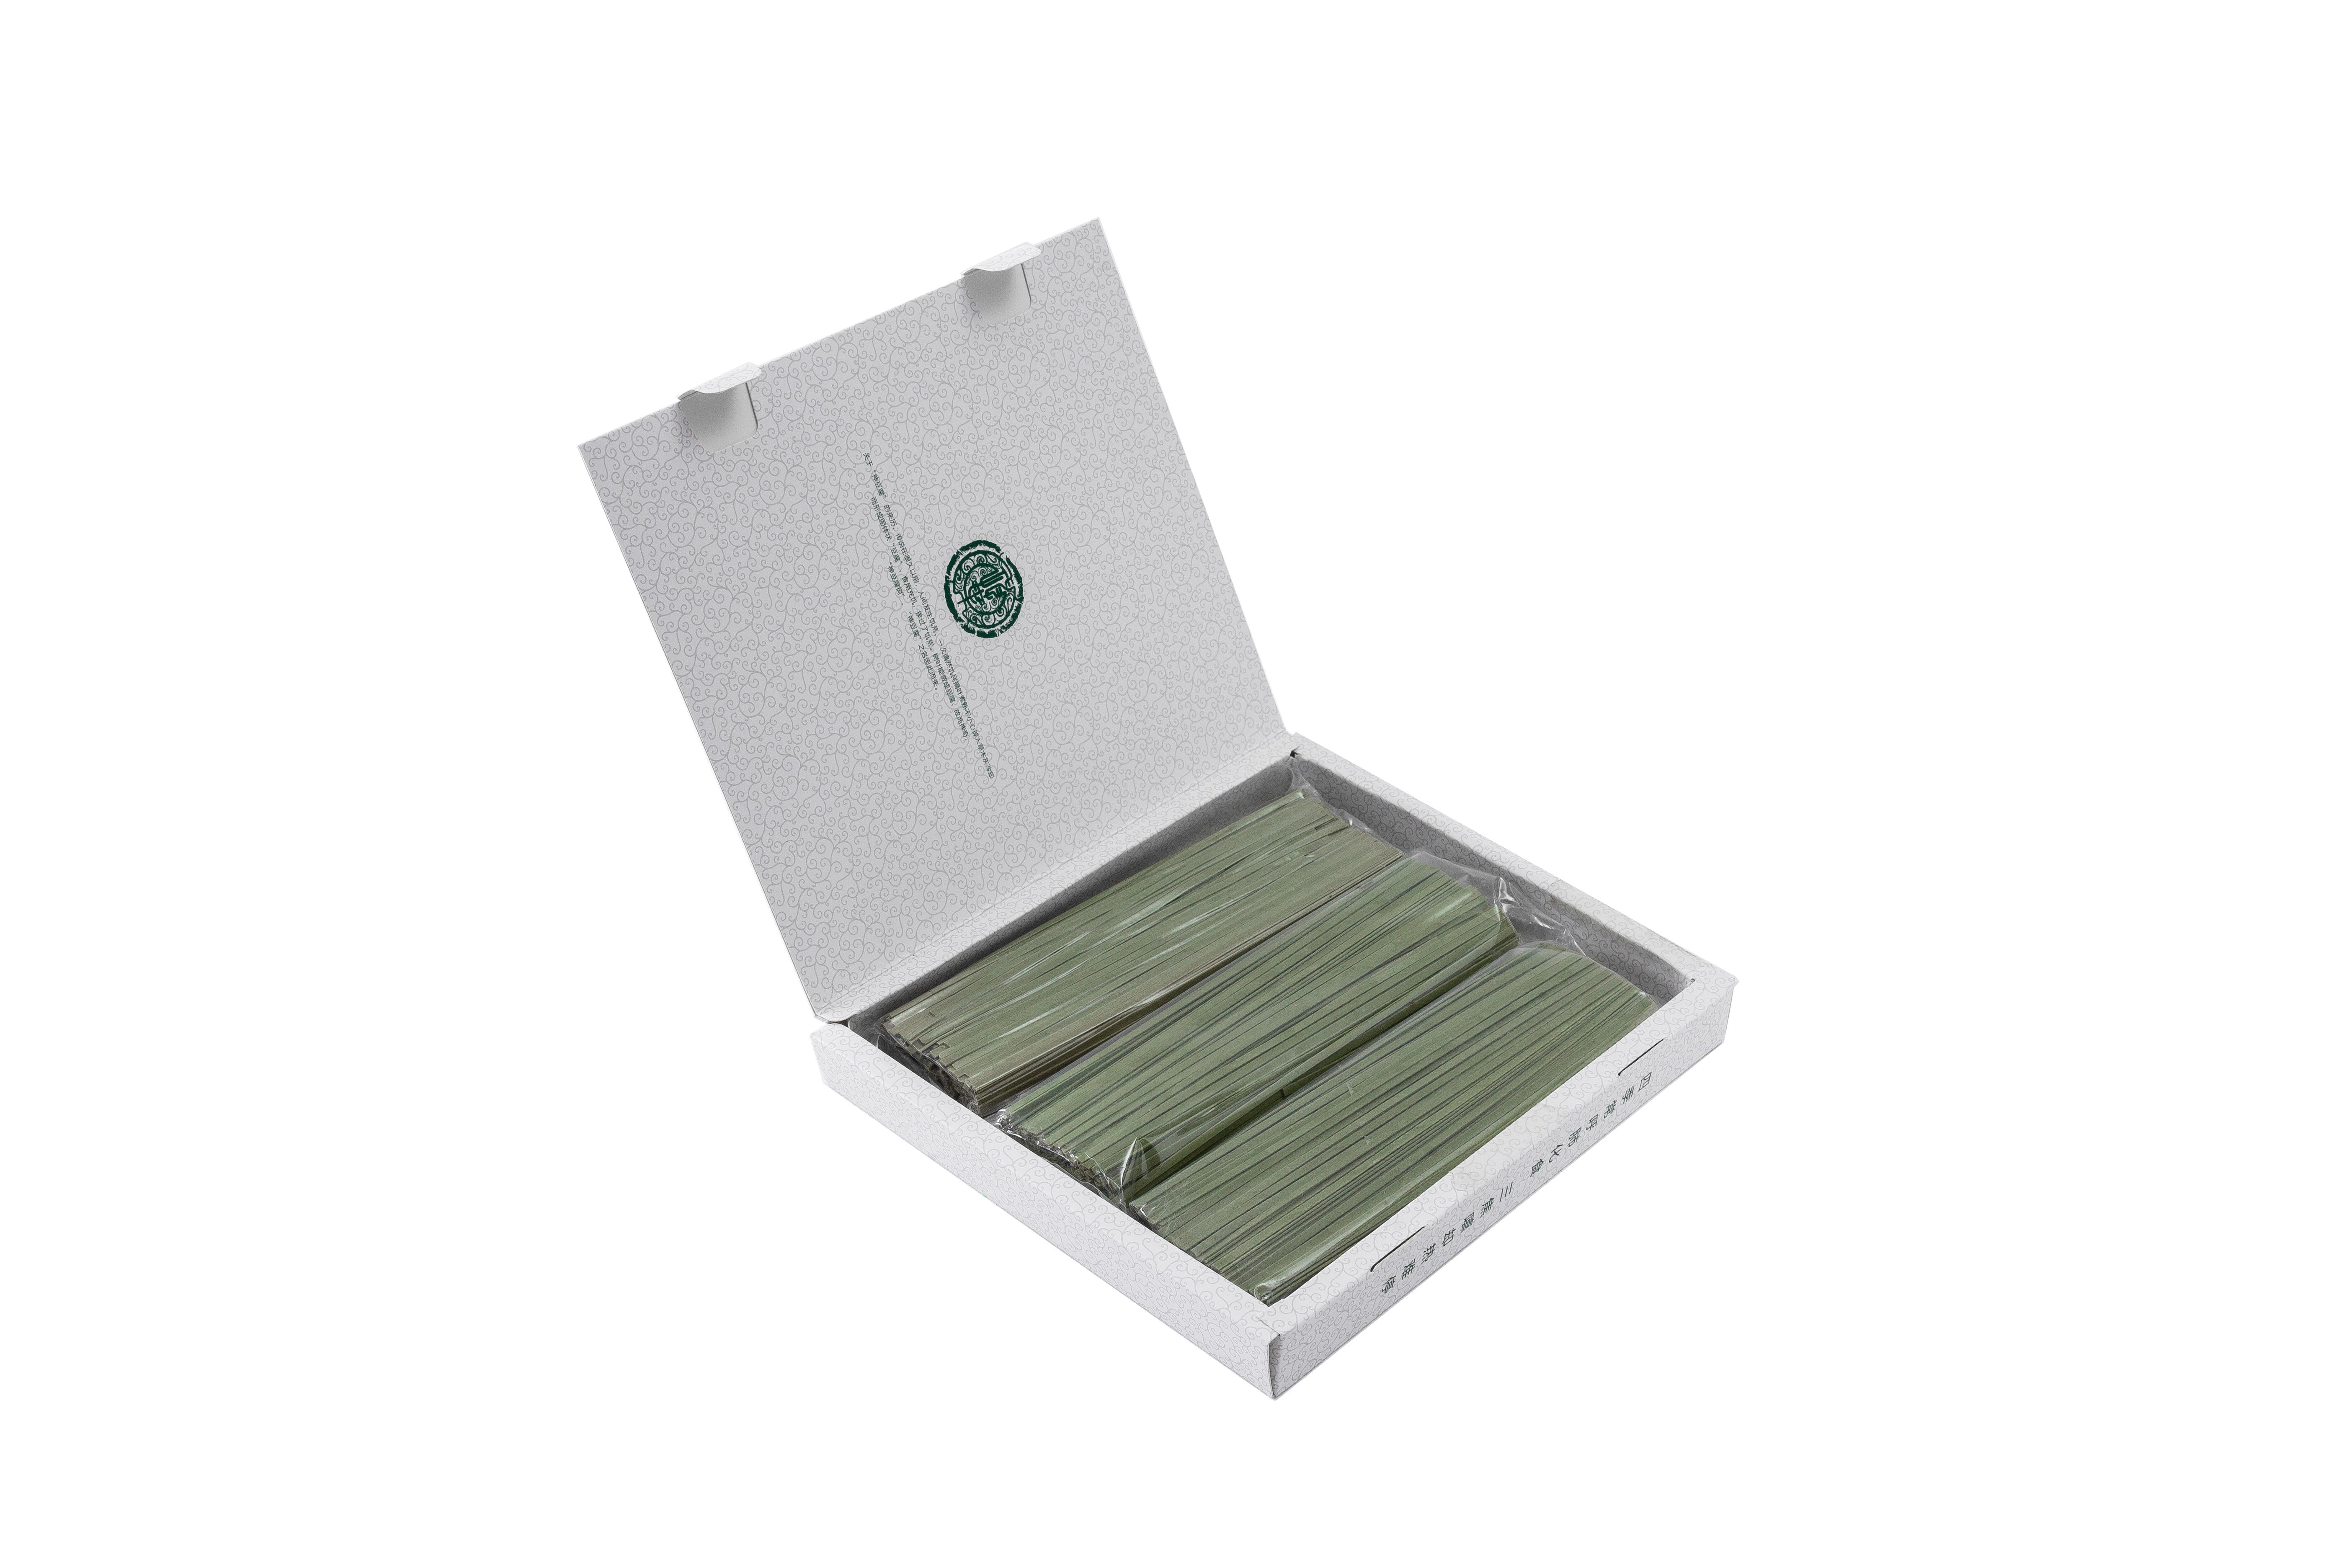 神豆腐面条 面条 挂面 优质面条 绿色面条 面条系列